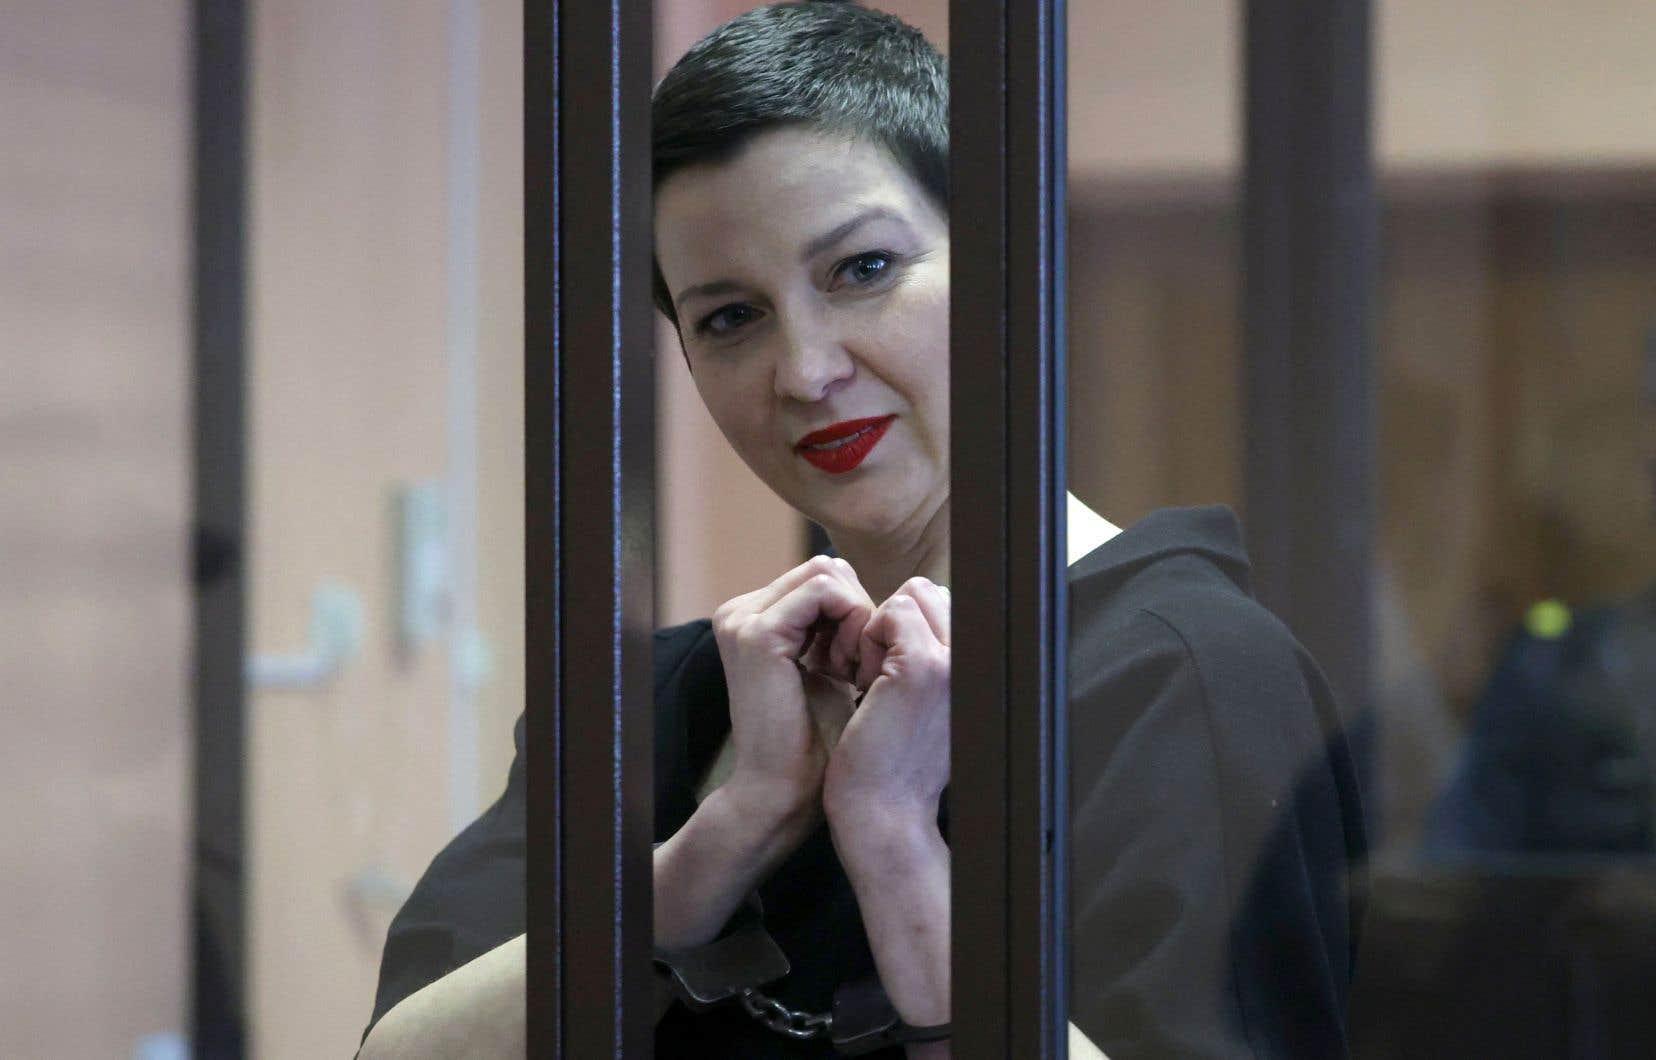 Au terme d'un mois de procès tenu à huis clos, Maria Kalesnikova et son avocat ont été reconnus coupables de «conspiration en vue de prendre le pouvoir», d'«appel à des actions portant atteinte à la sécurité nationale» et de «création d'un groupe extrémiste».